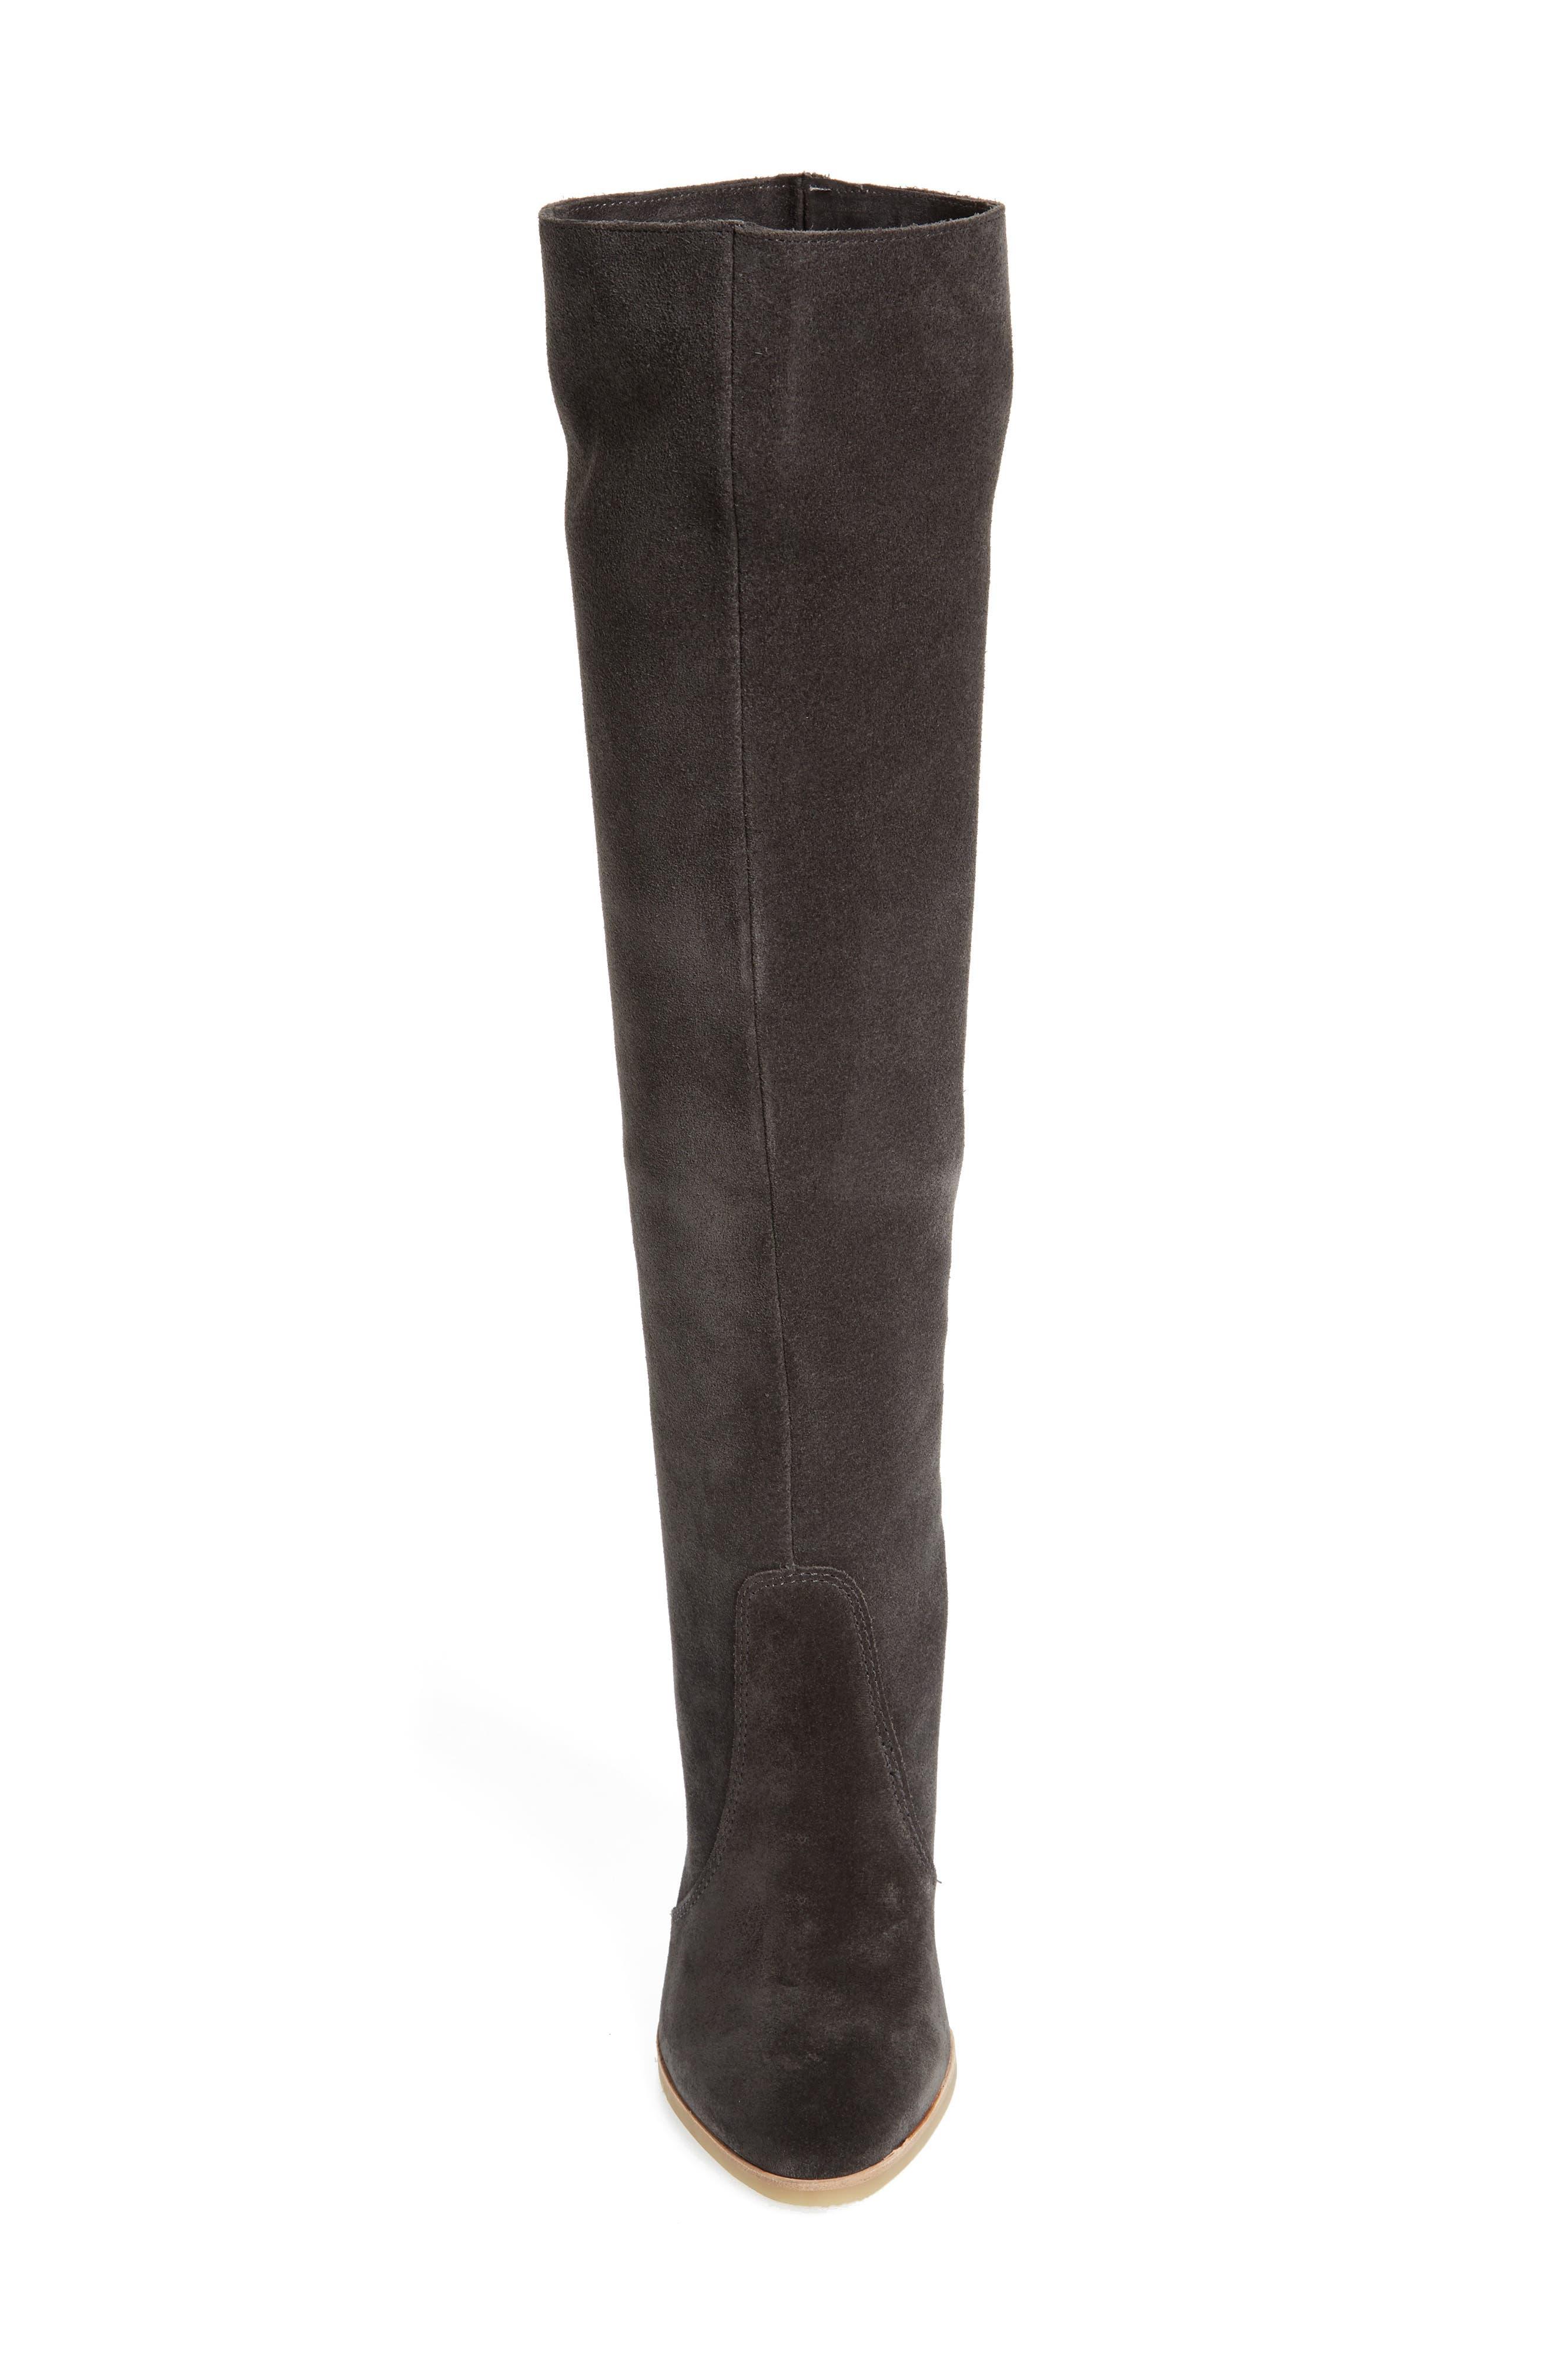 Celine Knee-High Boot,                             Alternate thumbnail 4, color,                             020